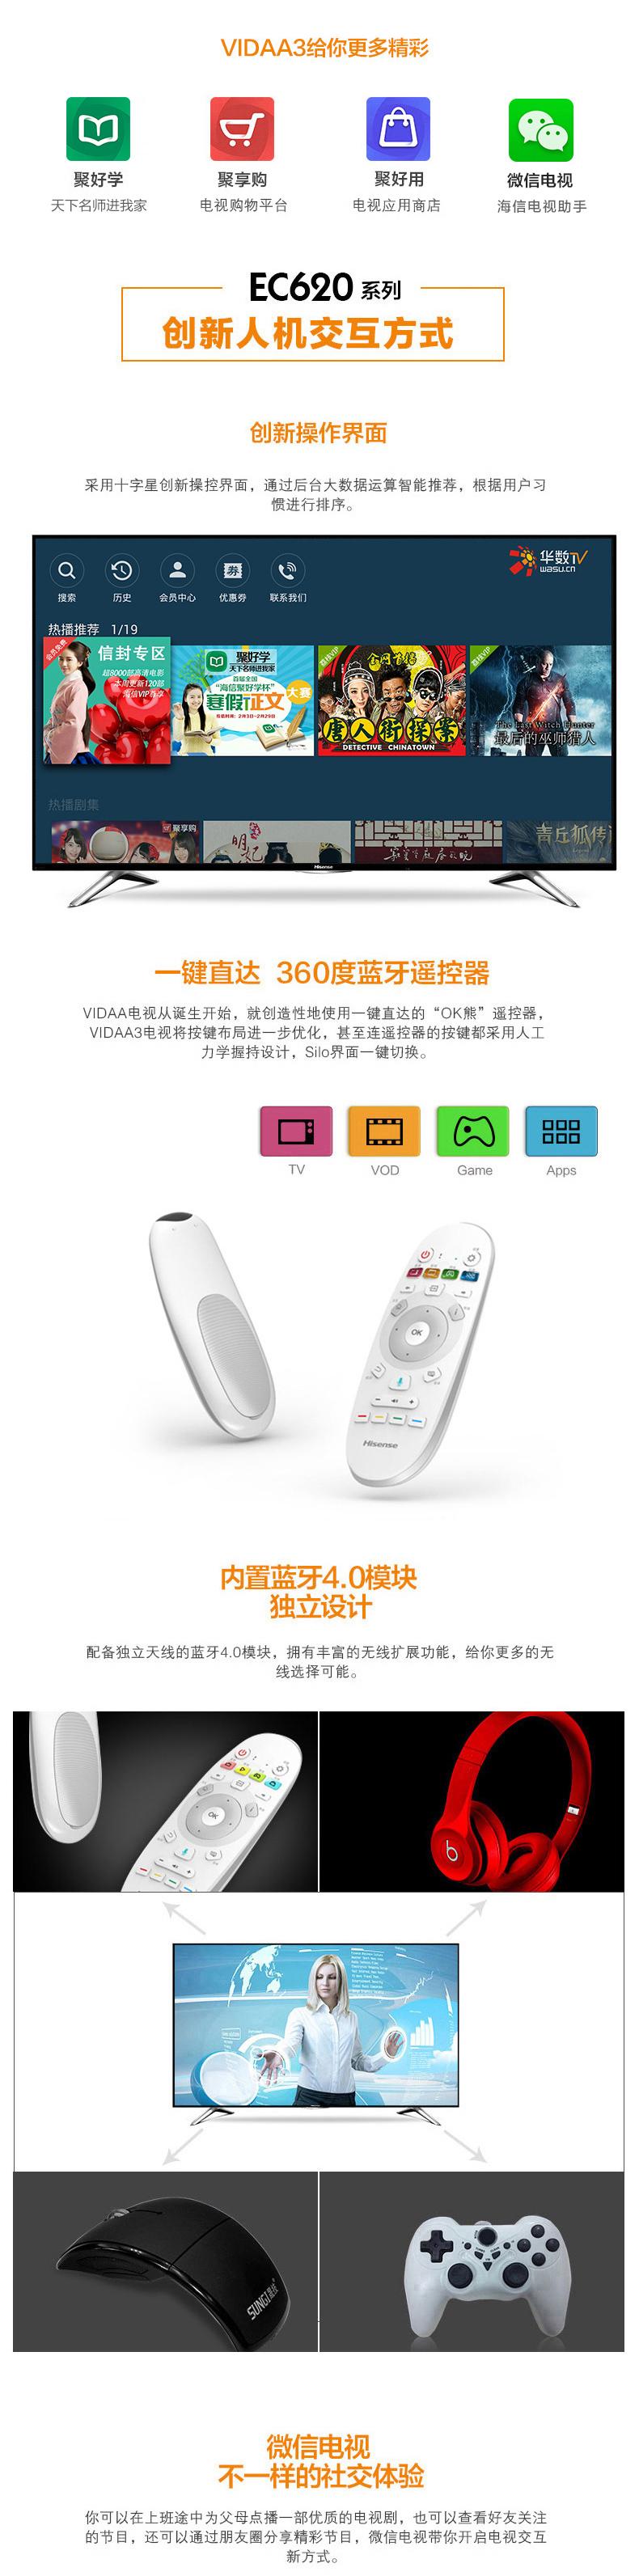 其他尺寸EC620创建信优化-B2C_06.jpg